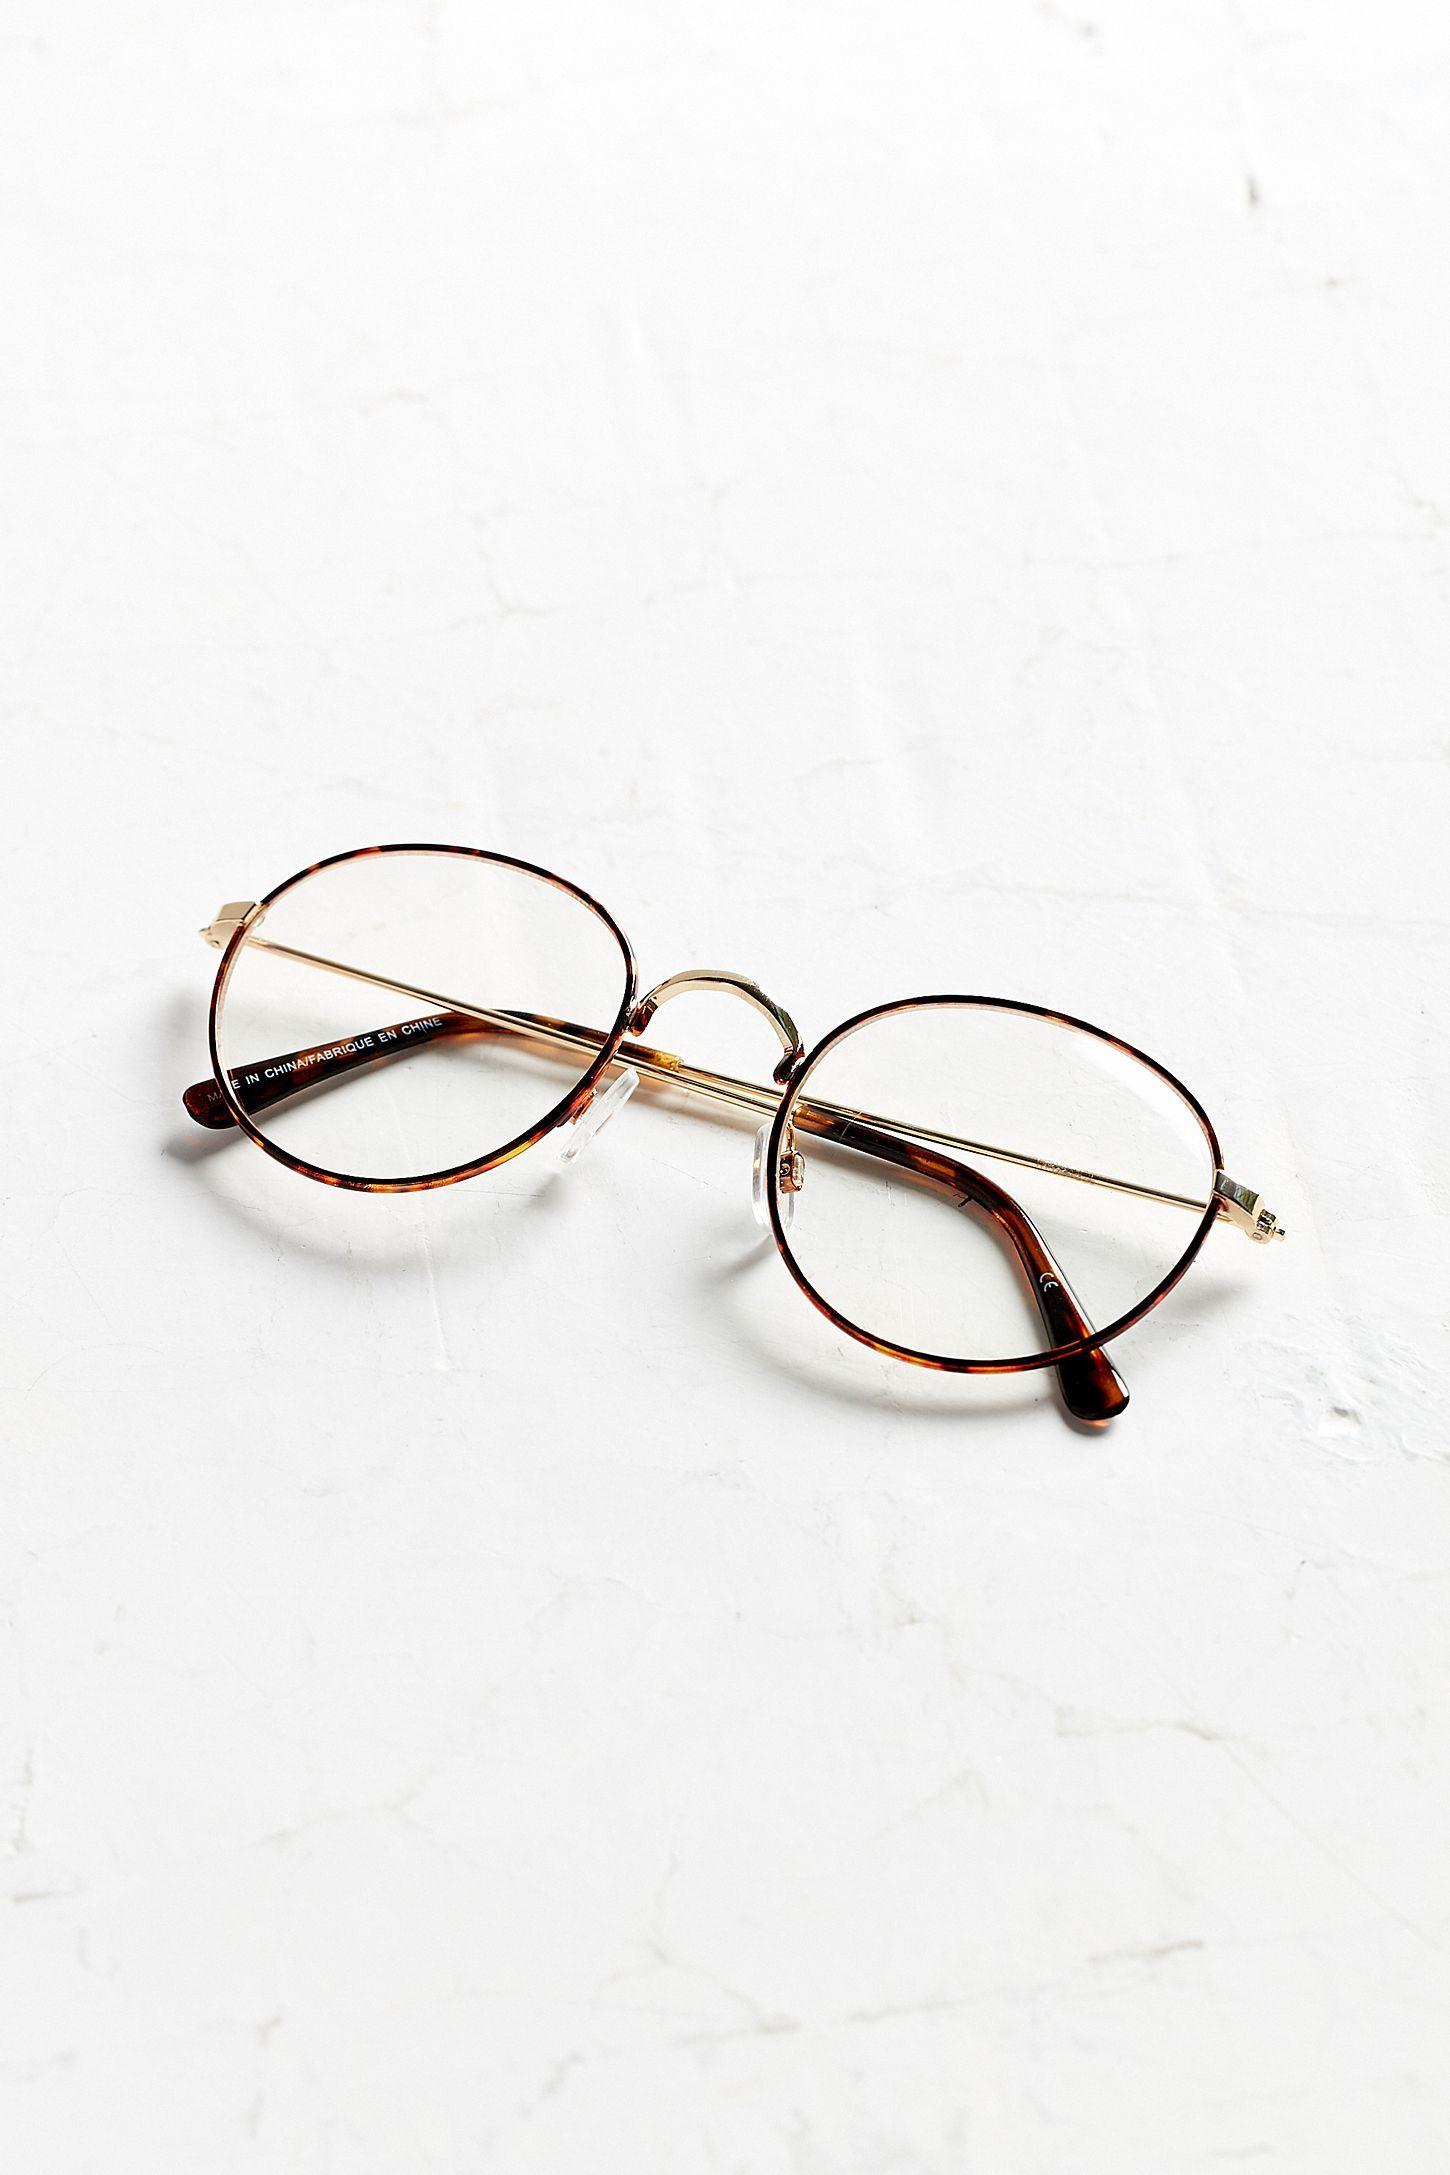 Kendall Round Readers Armacoes De Oculos Oculos Redondo Acessorios